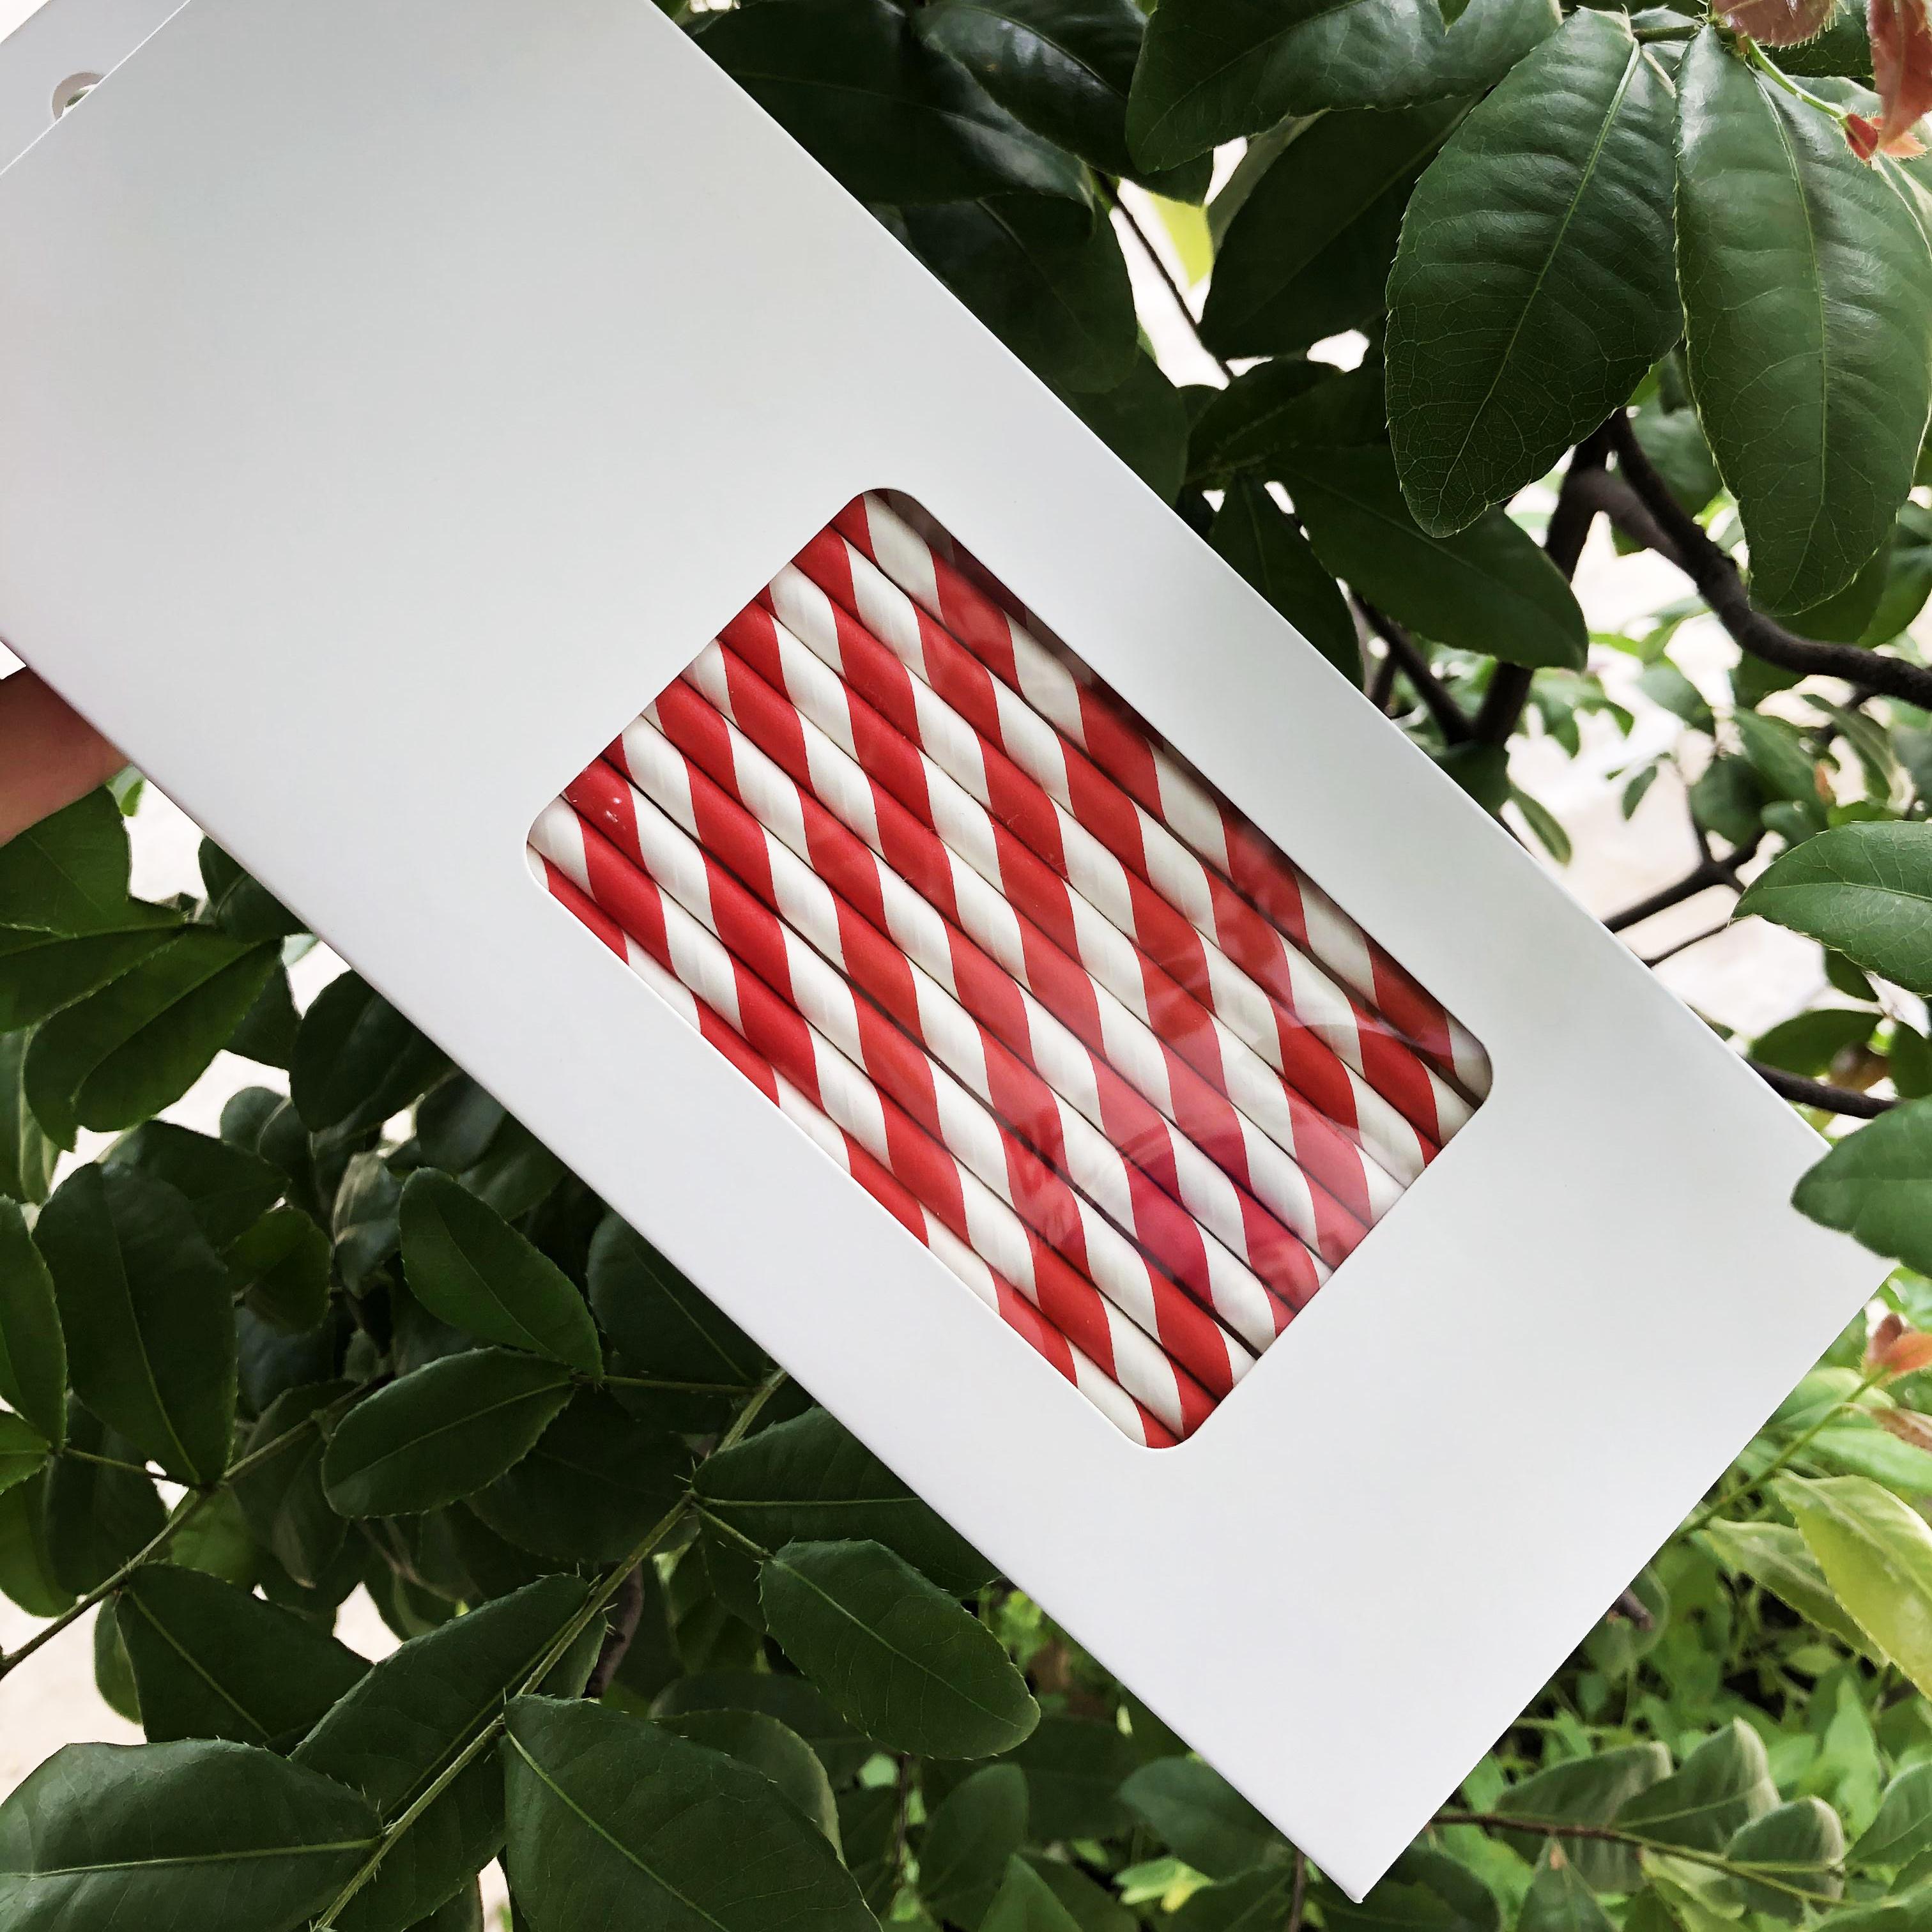 Hộp 100 ống hút giấy kích thước 197x6mm màu trắng đỏ thân thiện môi trường dùng cho mọi loại nước